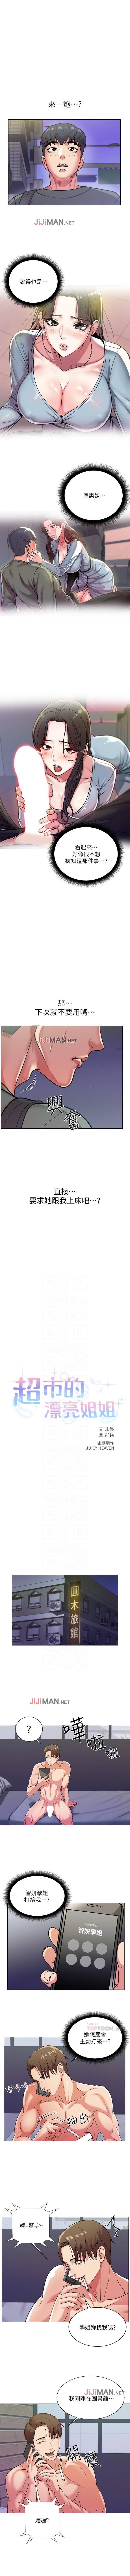 【周三连载】超市的漂亮姐姐(作者:北鼻&逃兵) 第1~20话 53